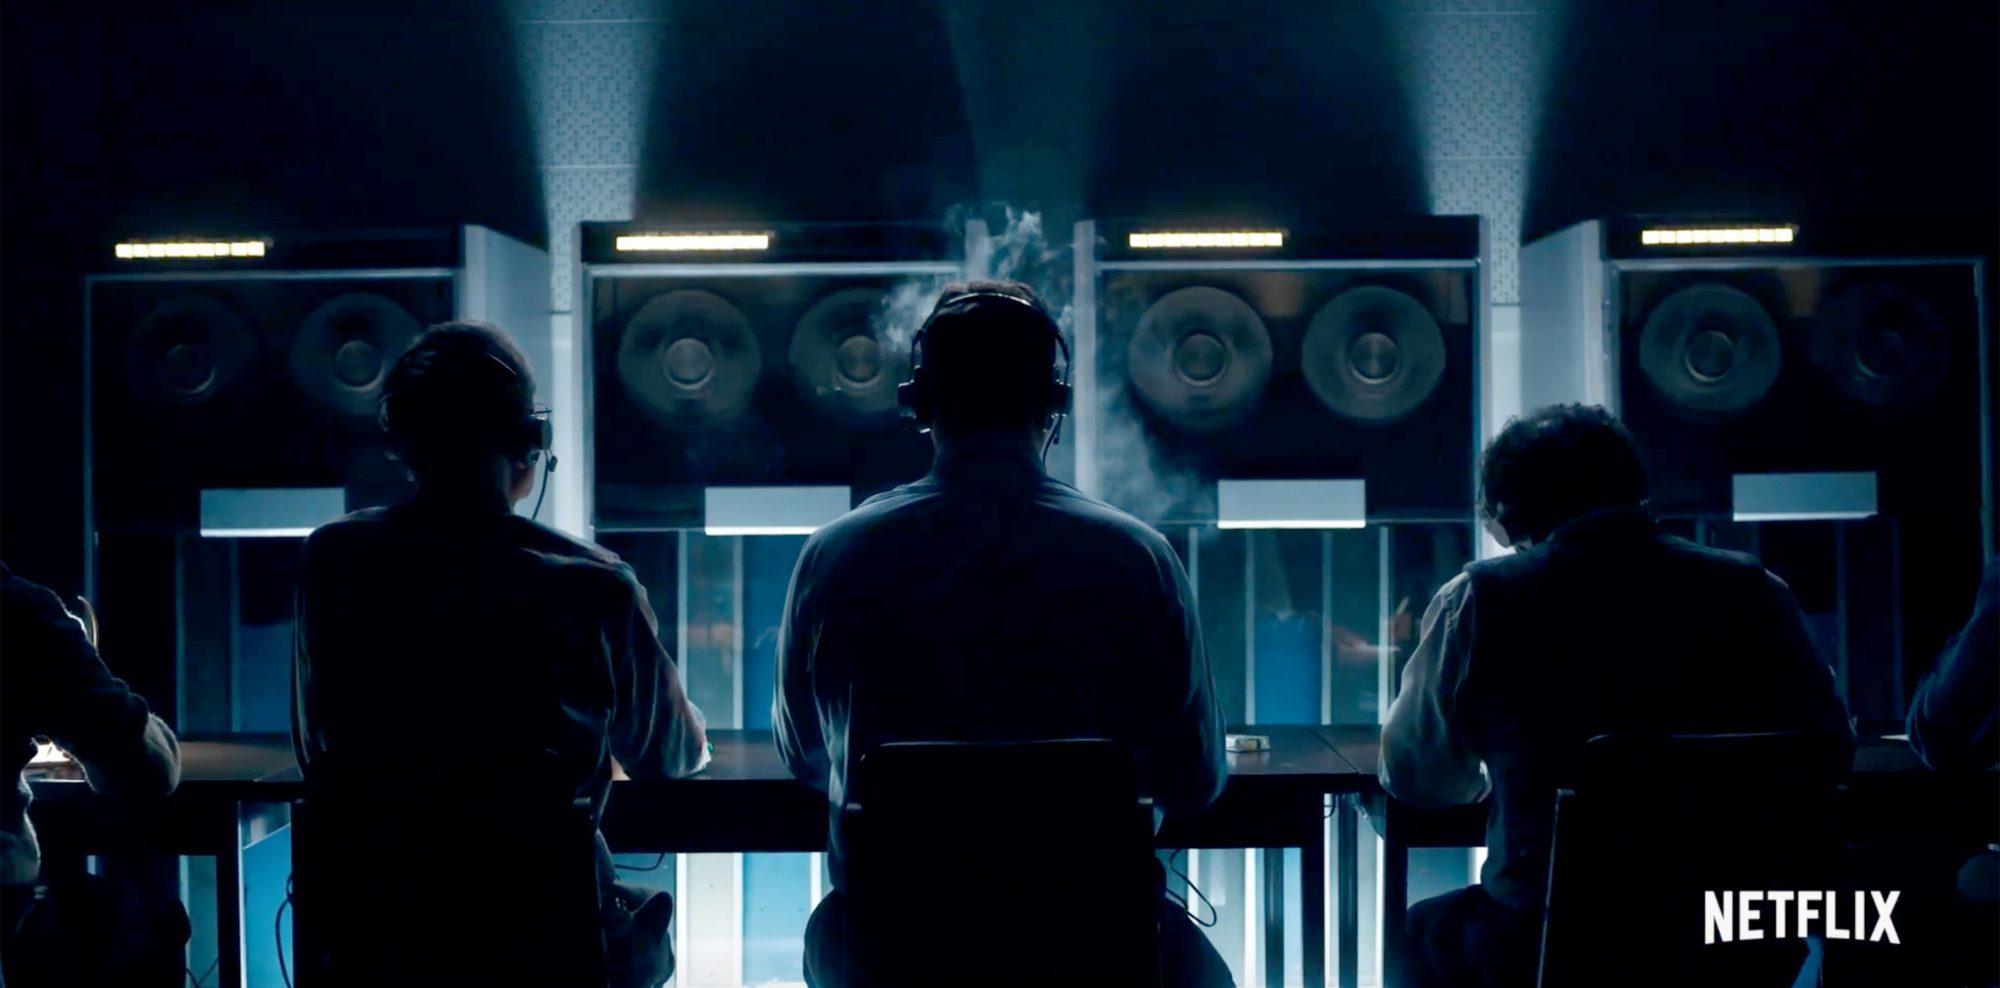 Stranger Things Season 2 Trailer screen grabCR: Netflix